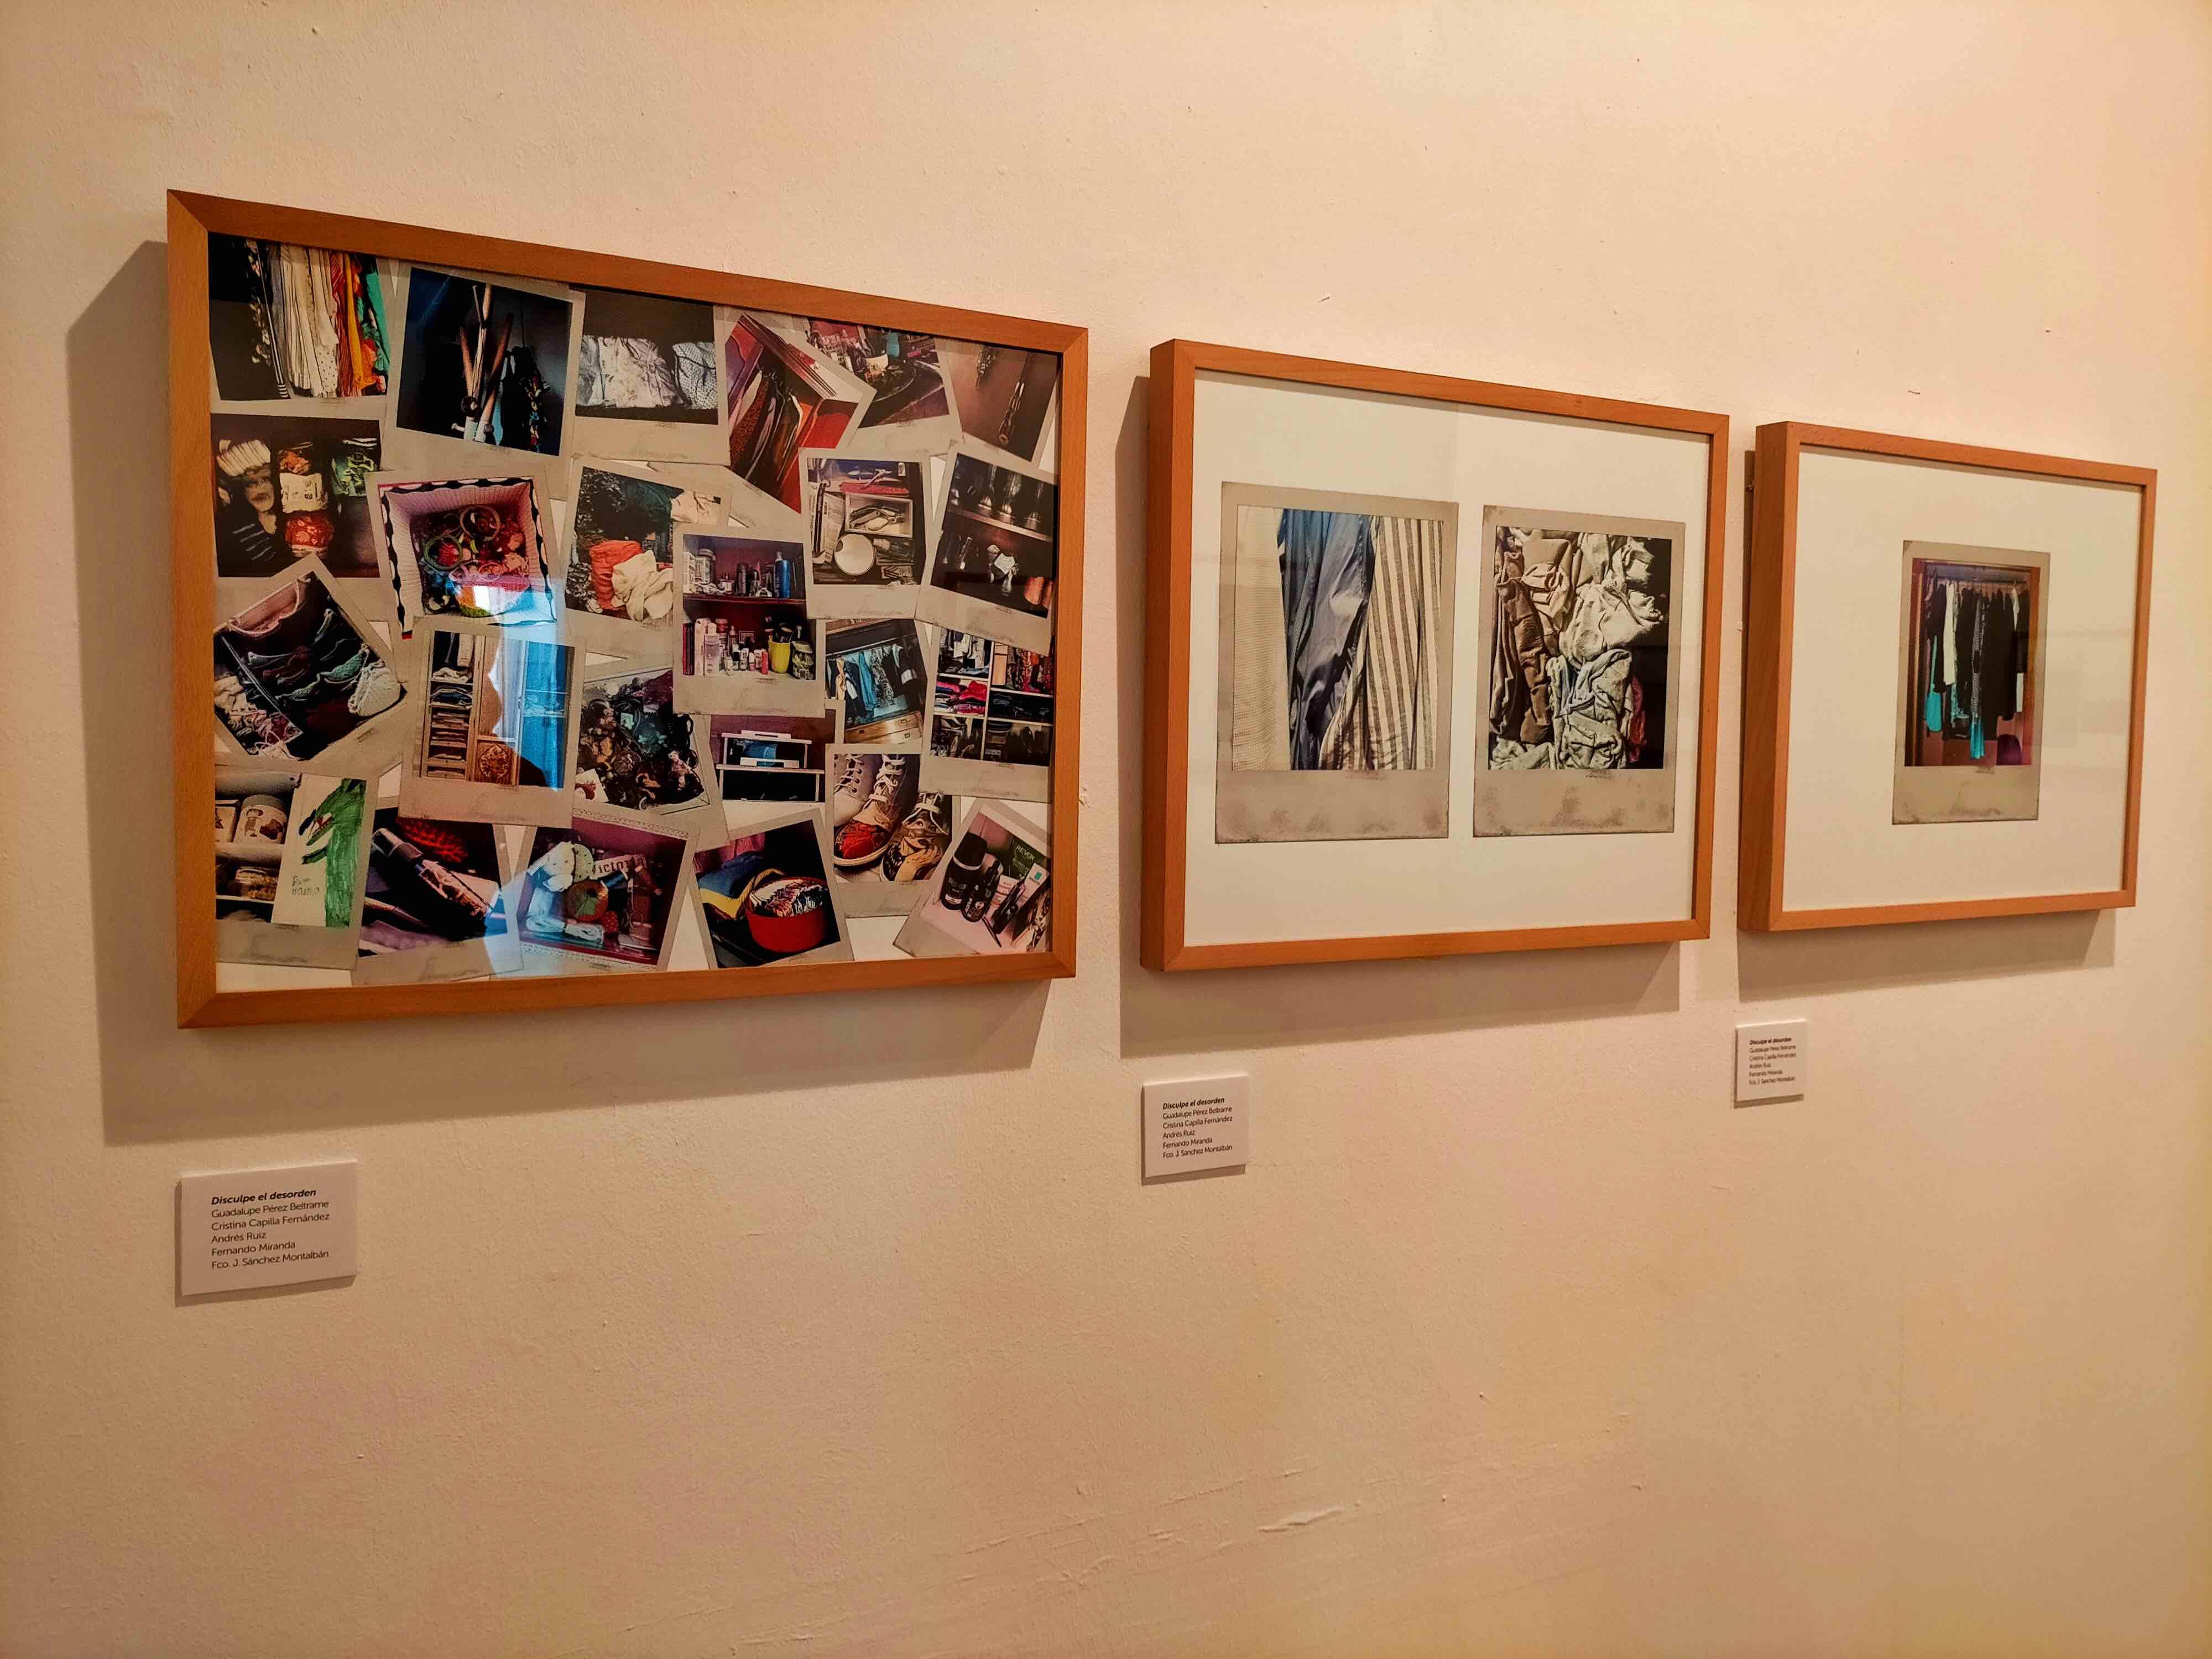 Bag4th. International Arts Festival' celebra su cuarta edición con exposiciones que pueden verse en la Facultad de Bellas Artes